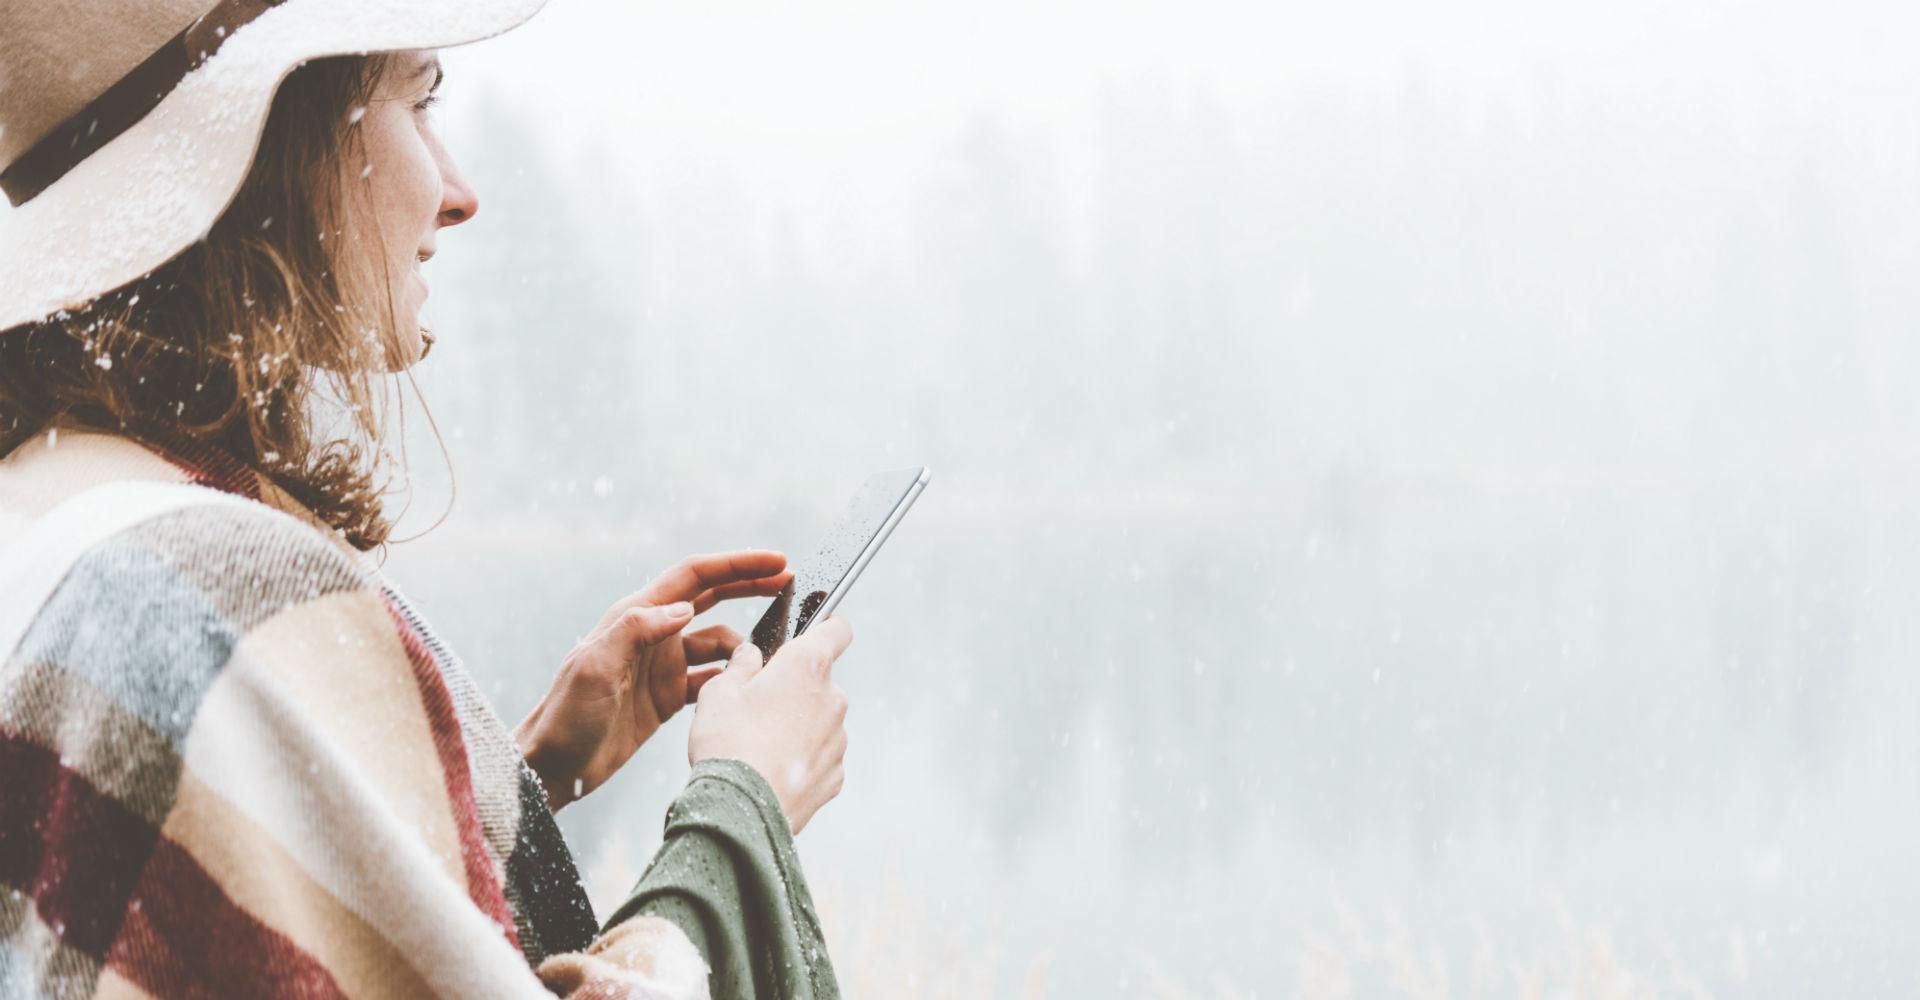 Junge Frau steht lächelnd im Schnee und hält dabei ein Smartphone in der Hand.